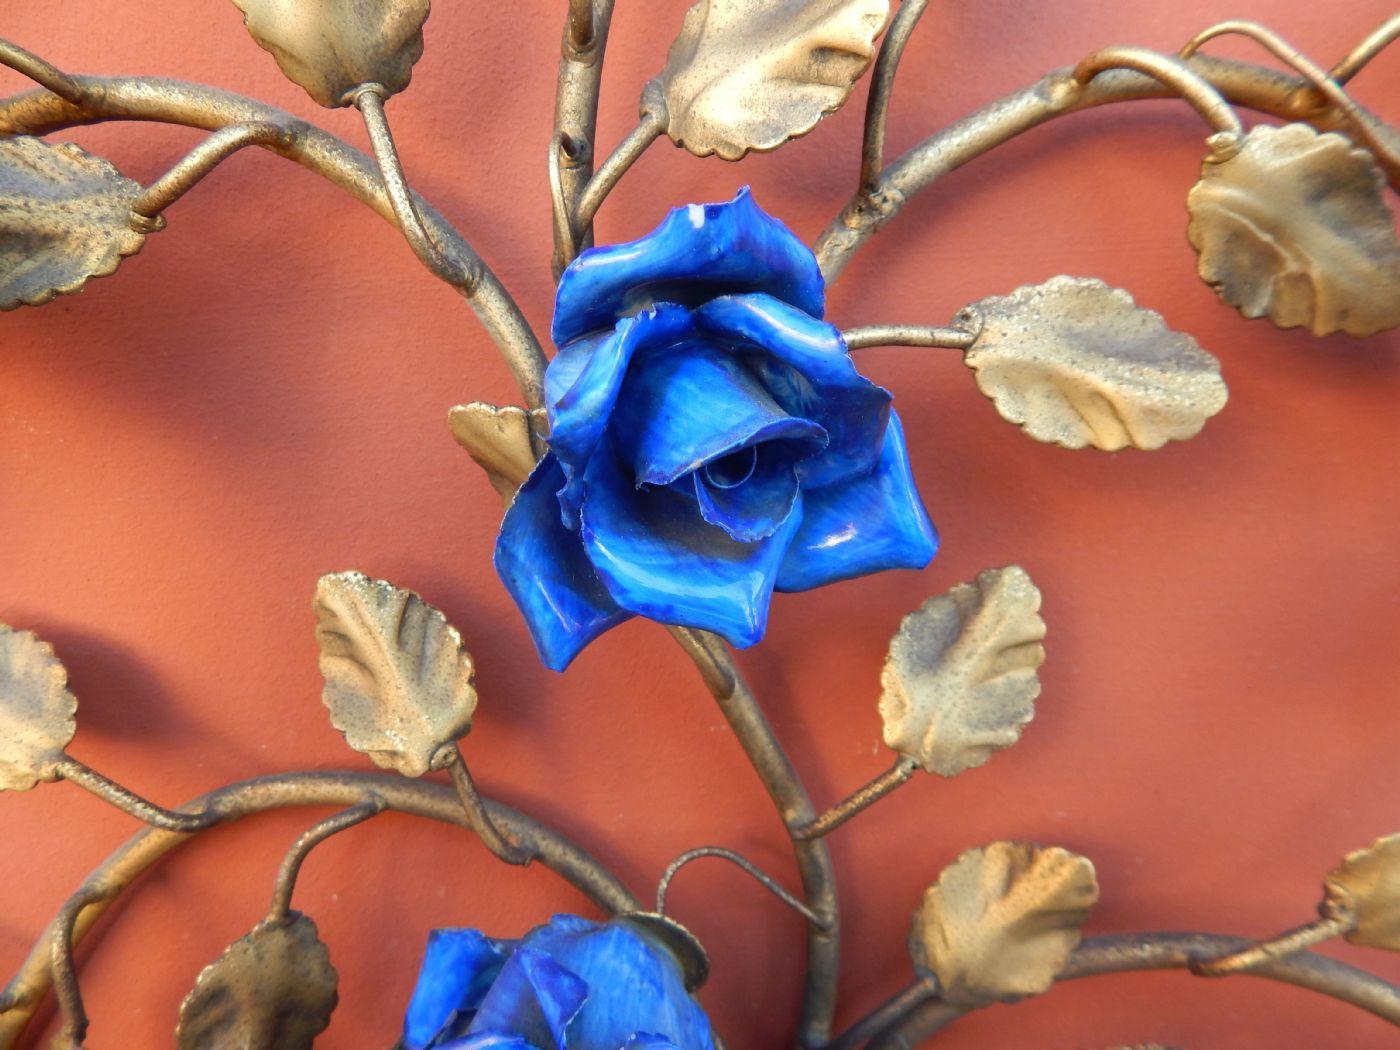 thumb3|coppia di appliques in ottone sbalzato e dorato, con roselline blu